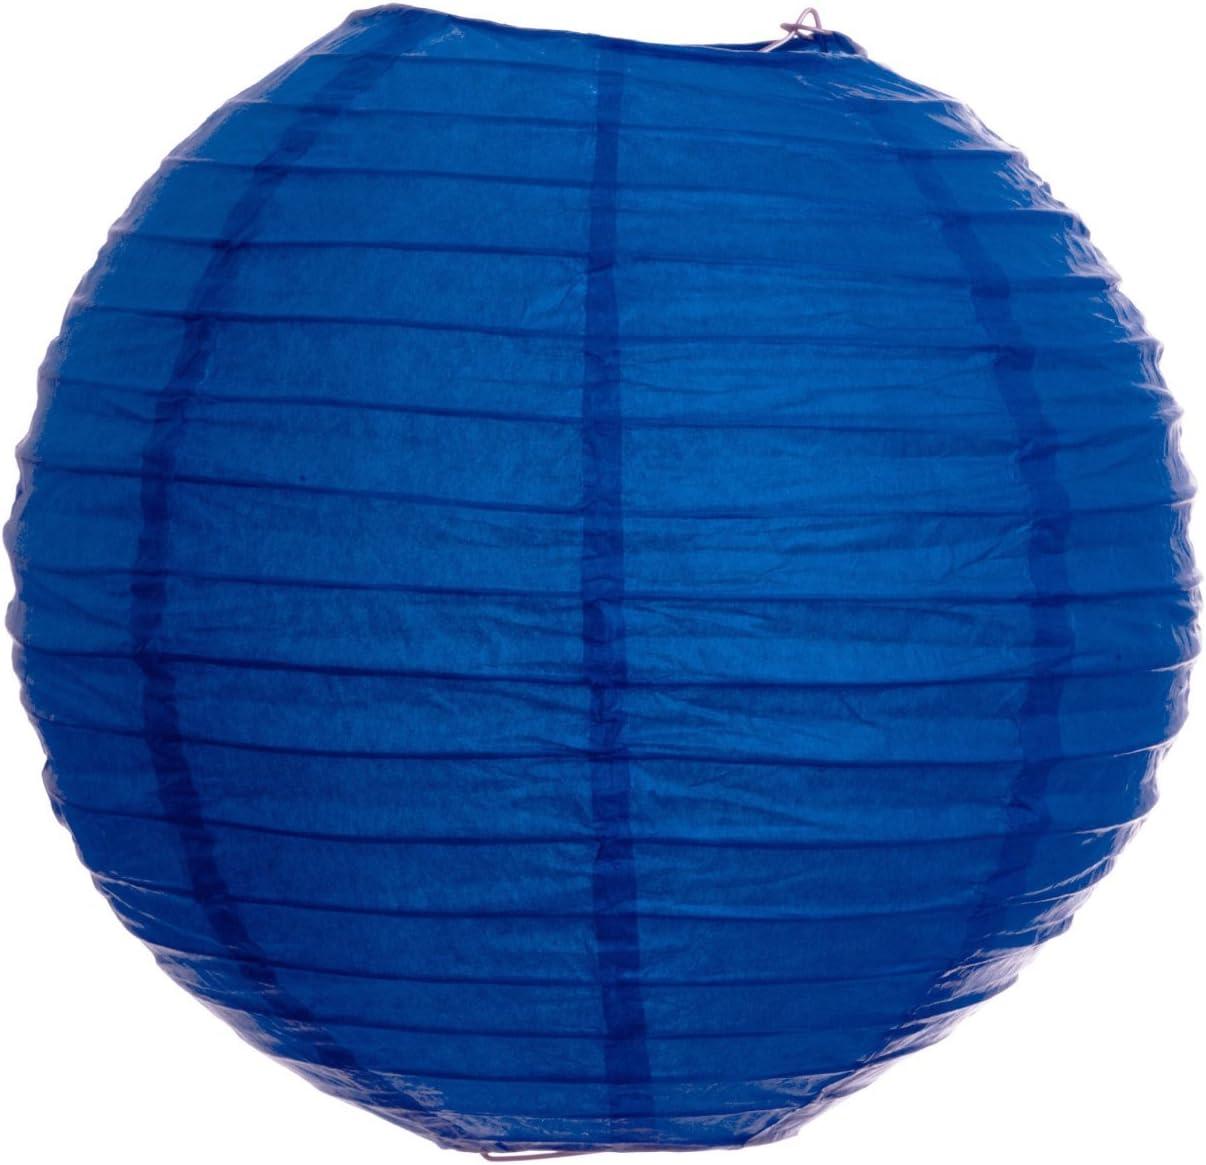 artigianali compleanno matrimonio Set of 9 Blue Style Ardux 9 lanterne di carta cinesi decorazioni da appendere per feste di anniversario